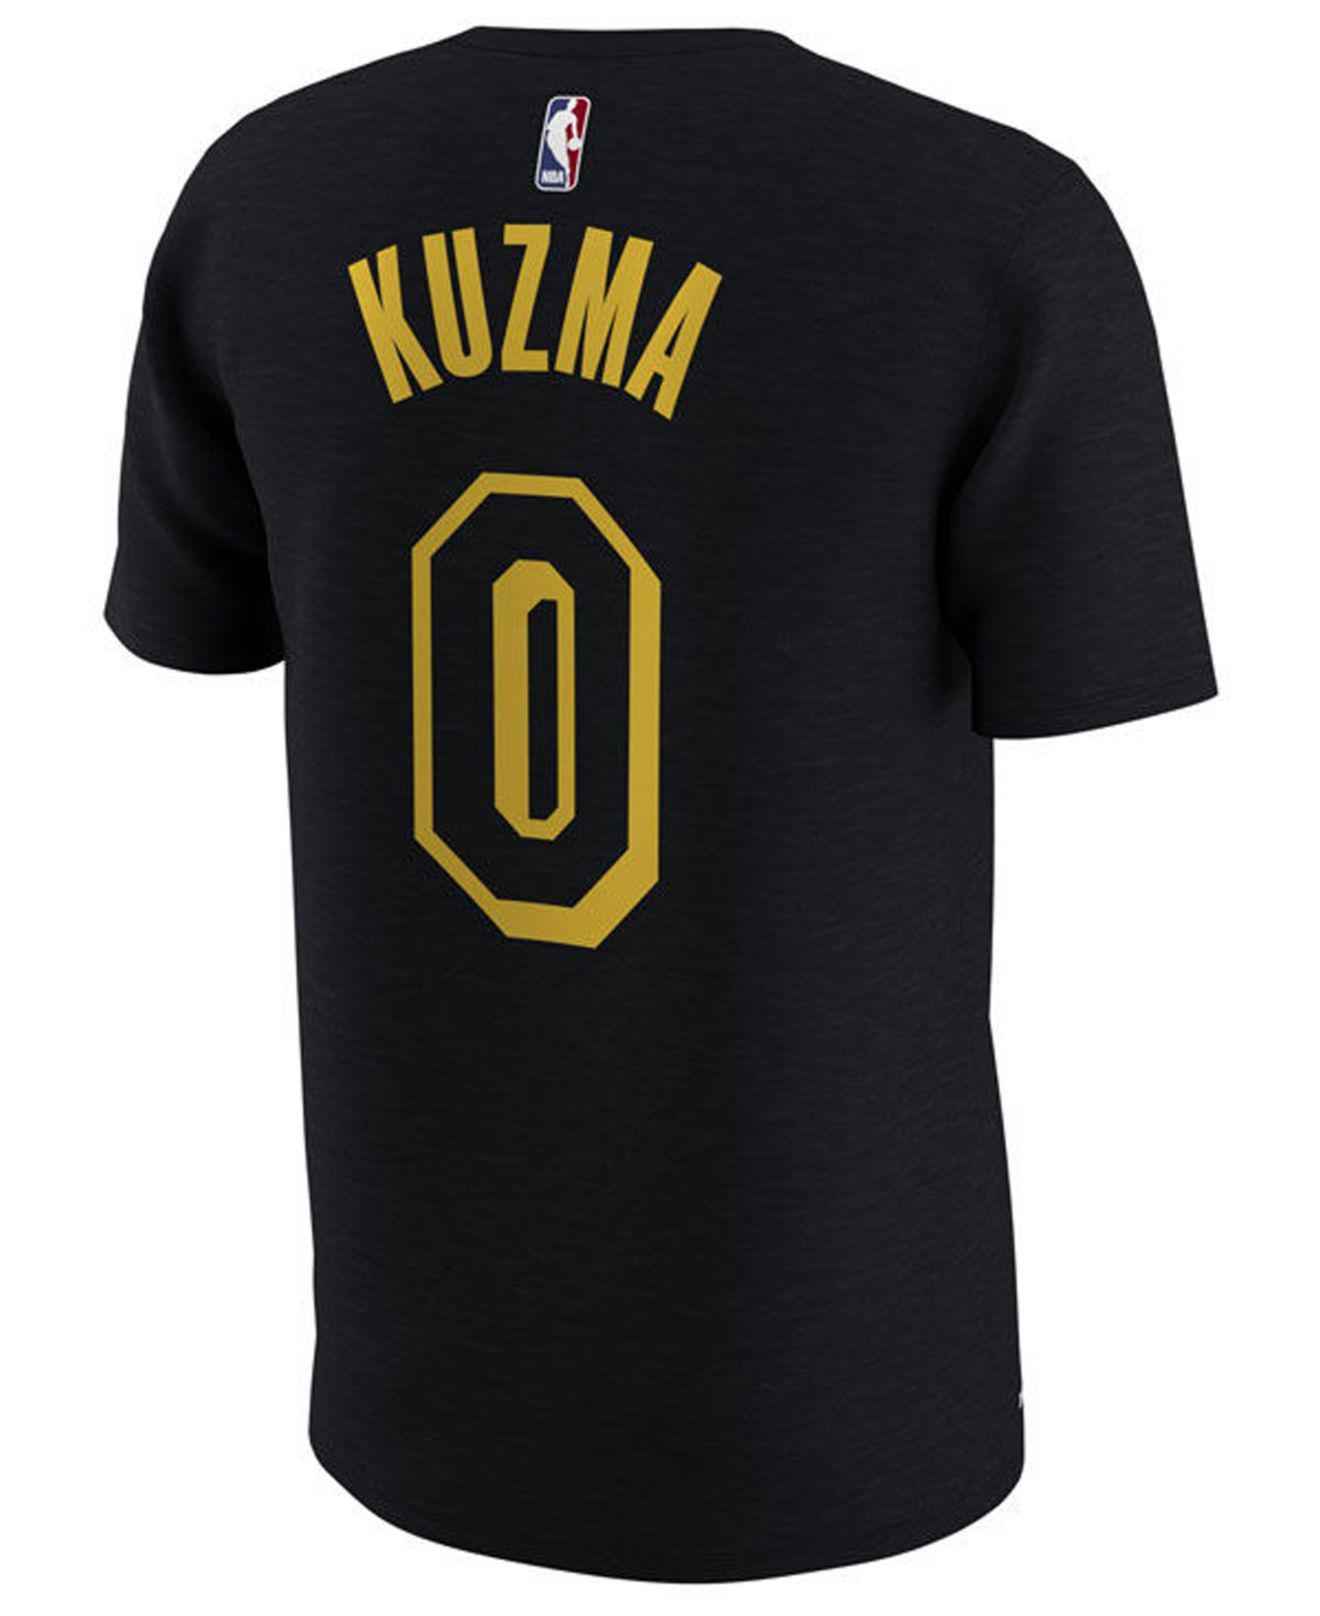 wholesale dealer 67ff0 f4932 Men's Black Kyle Kuzma Los Angeles Lakers City Player T-shirt